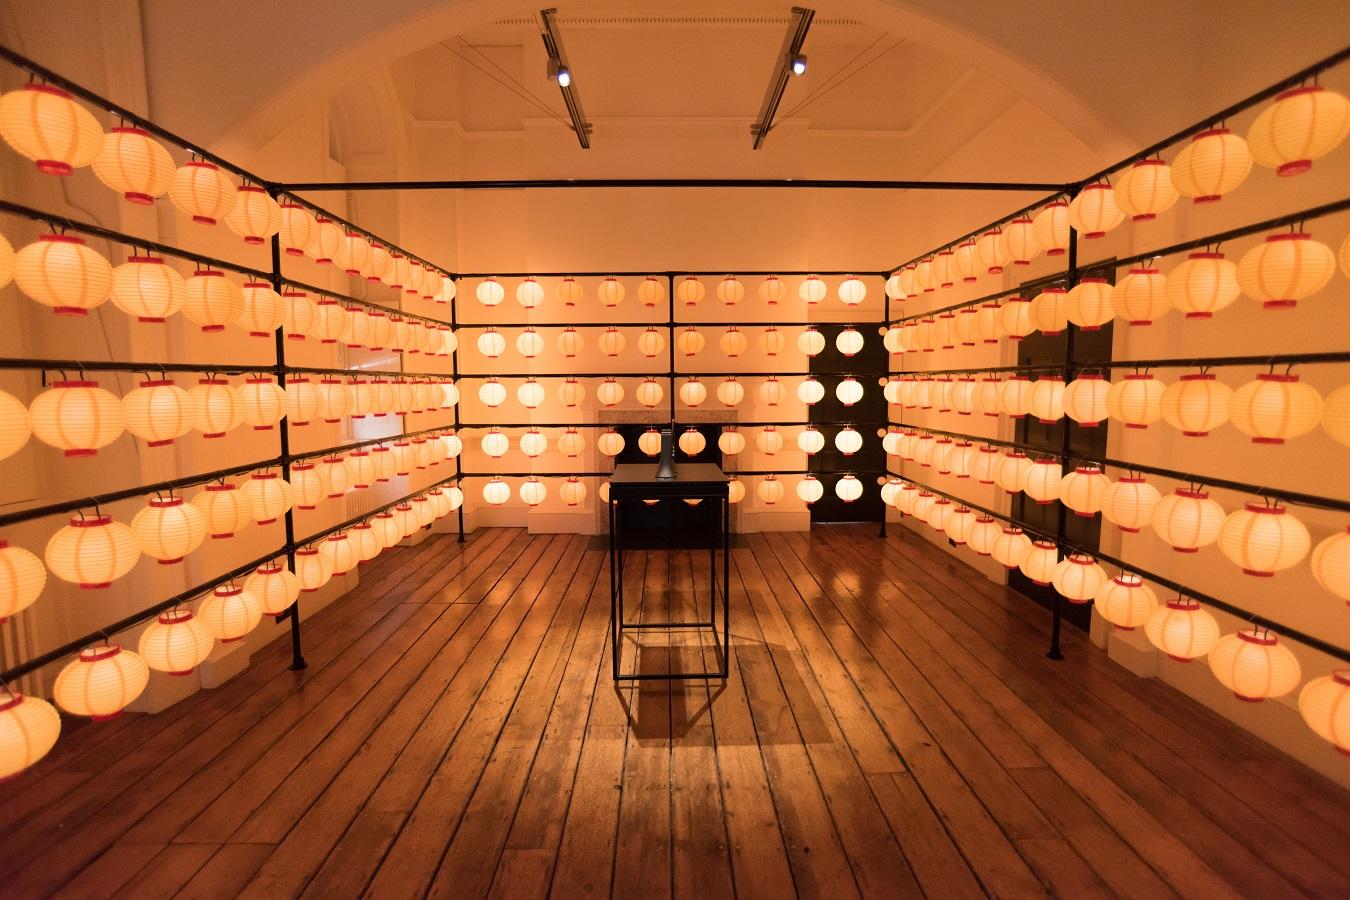 倫敦設計雙年展臺灣館正式開幕 傳遞臺灣與世界的共振旋律